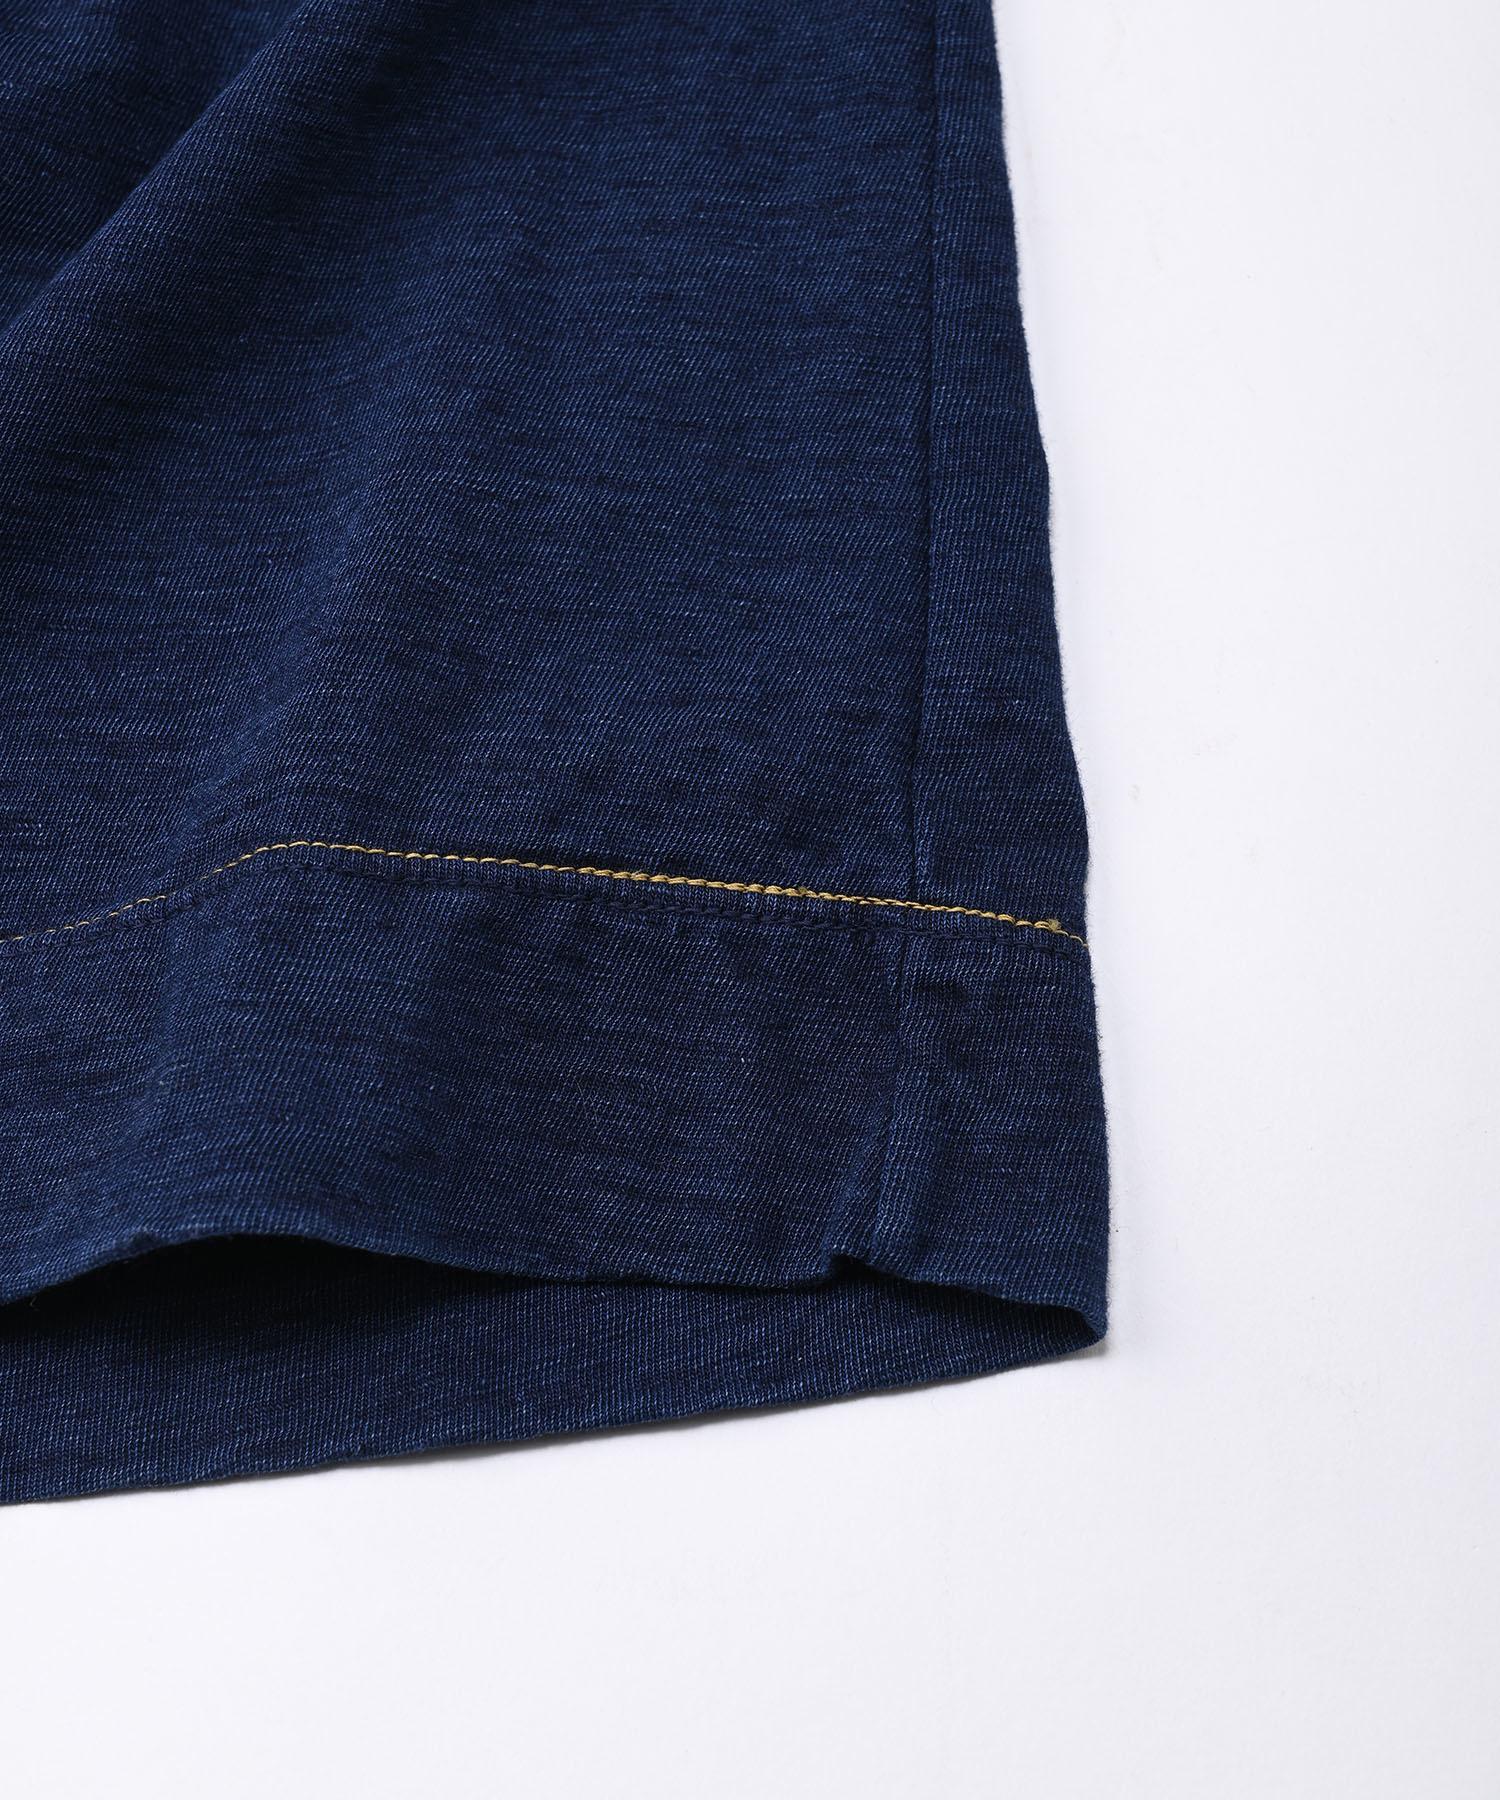 Indigo Zimbabwe Cotton Umahiko Dress (0421)-9